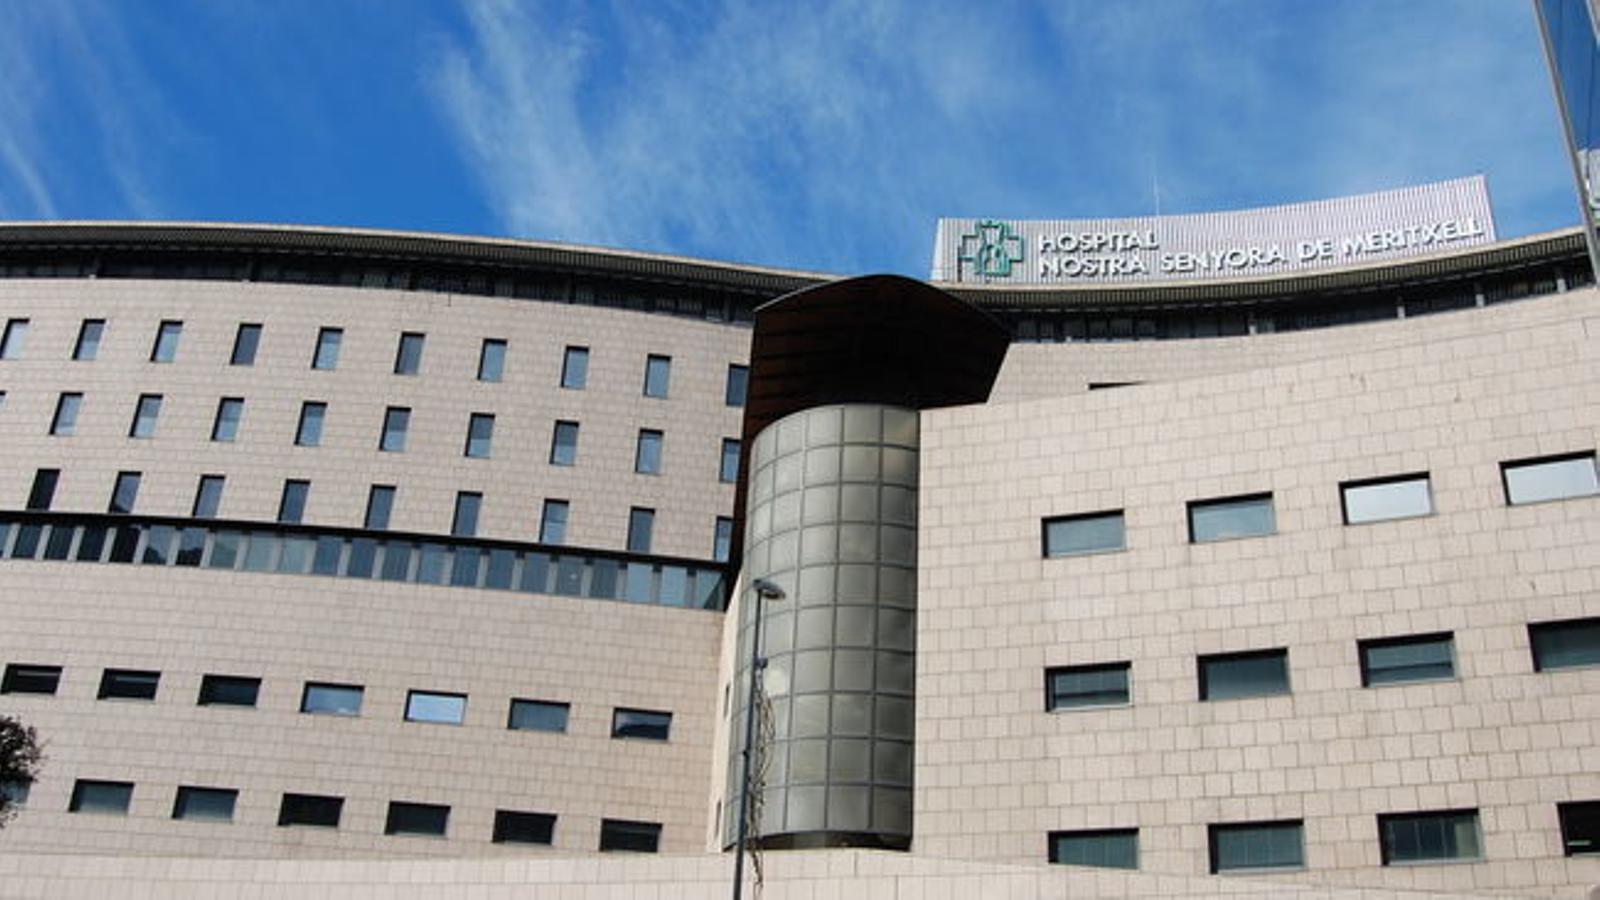 L'hospital Nostra Senyora de Meritxell. / ANA